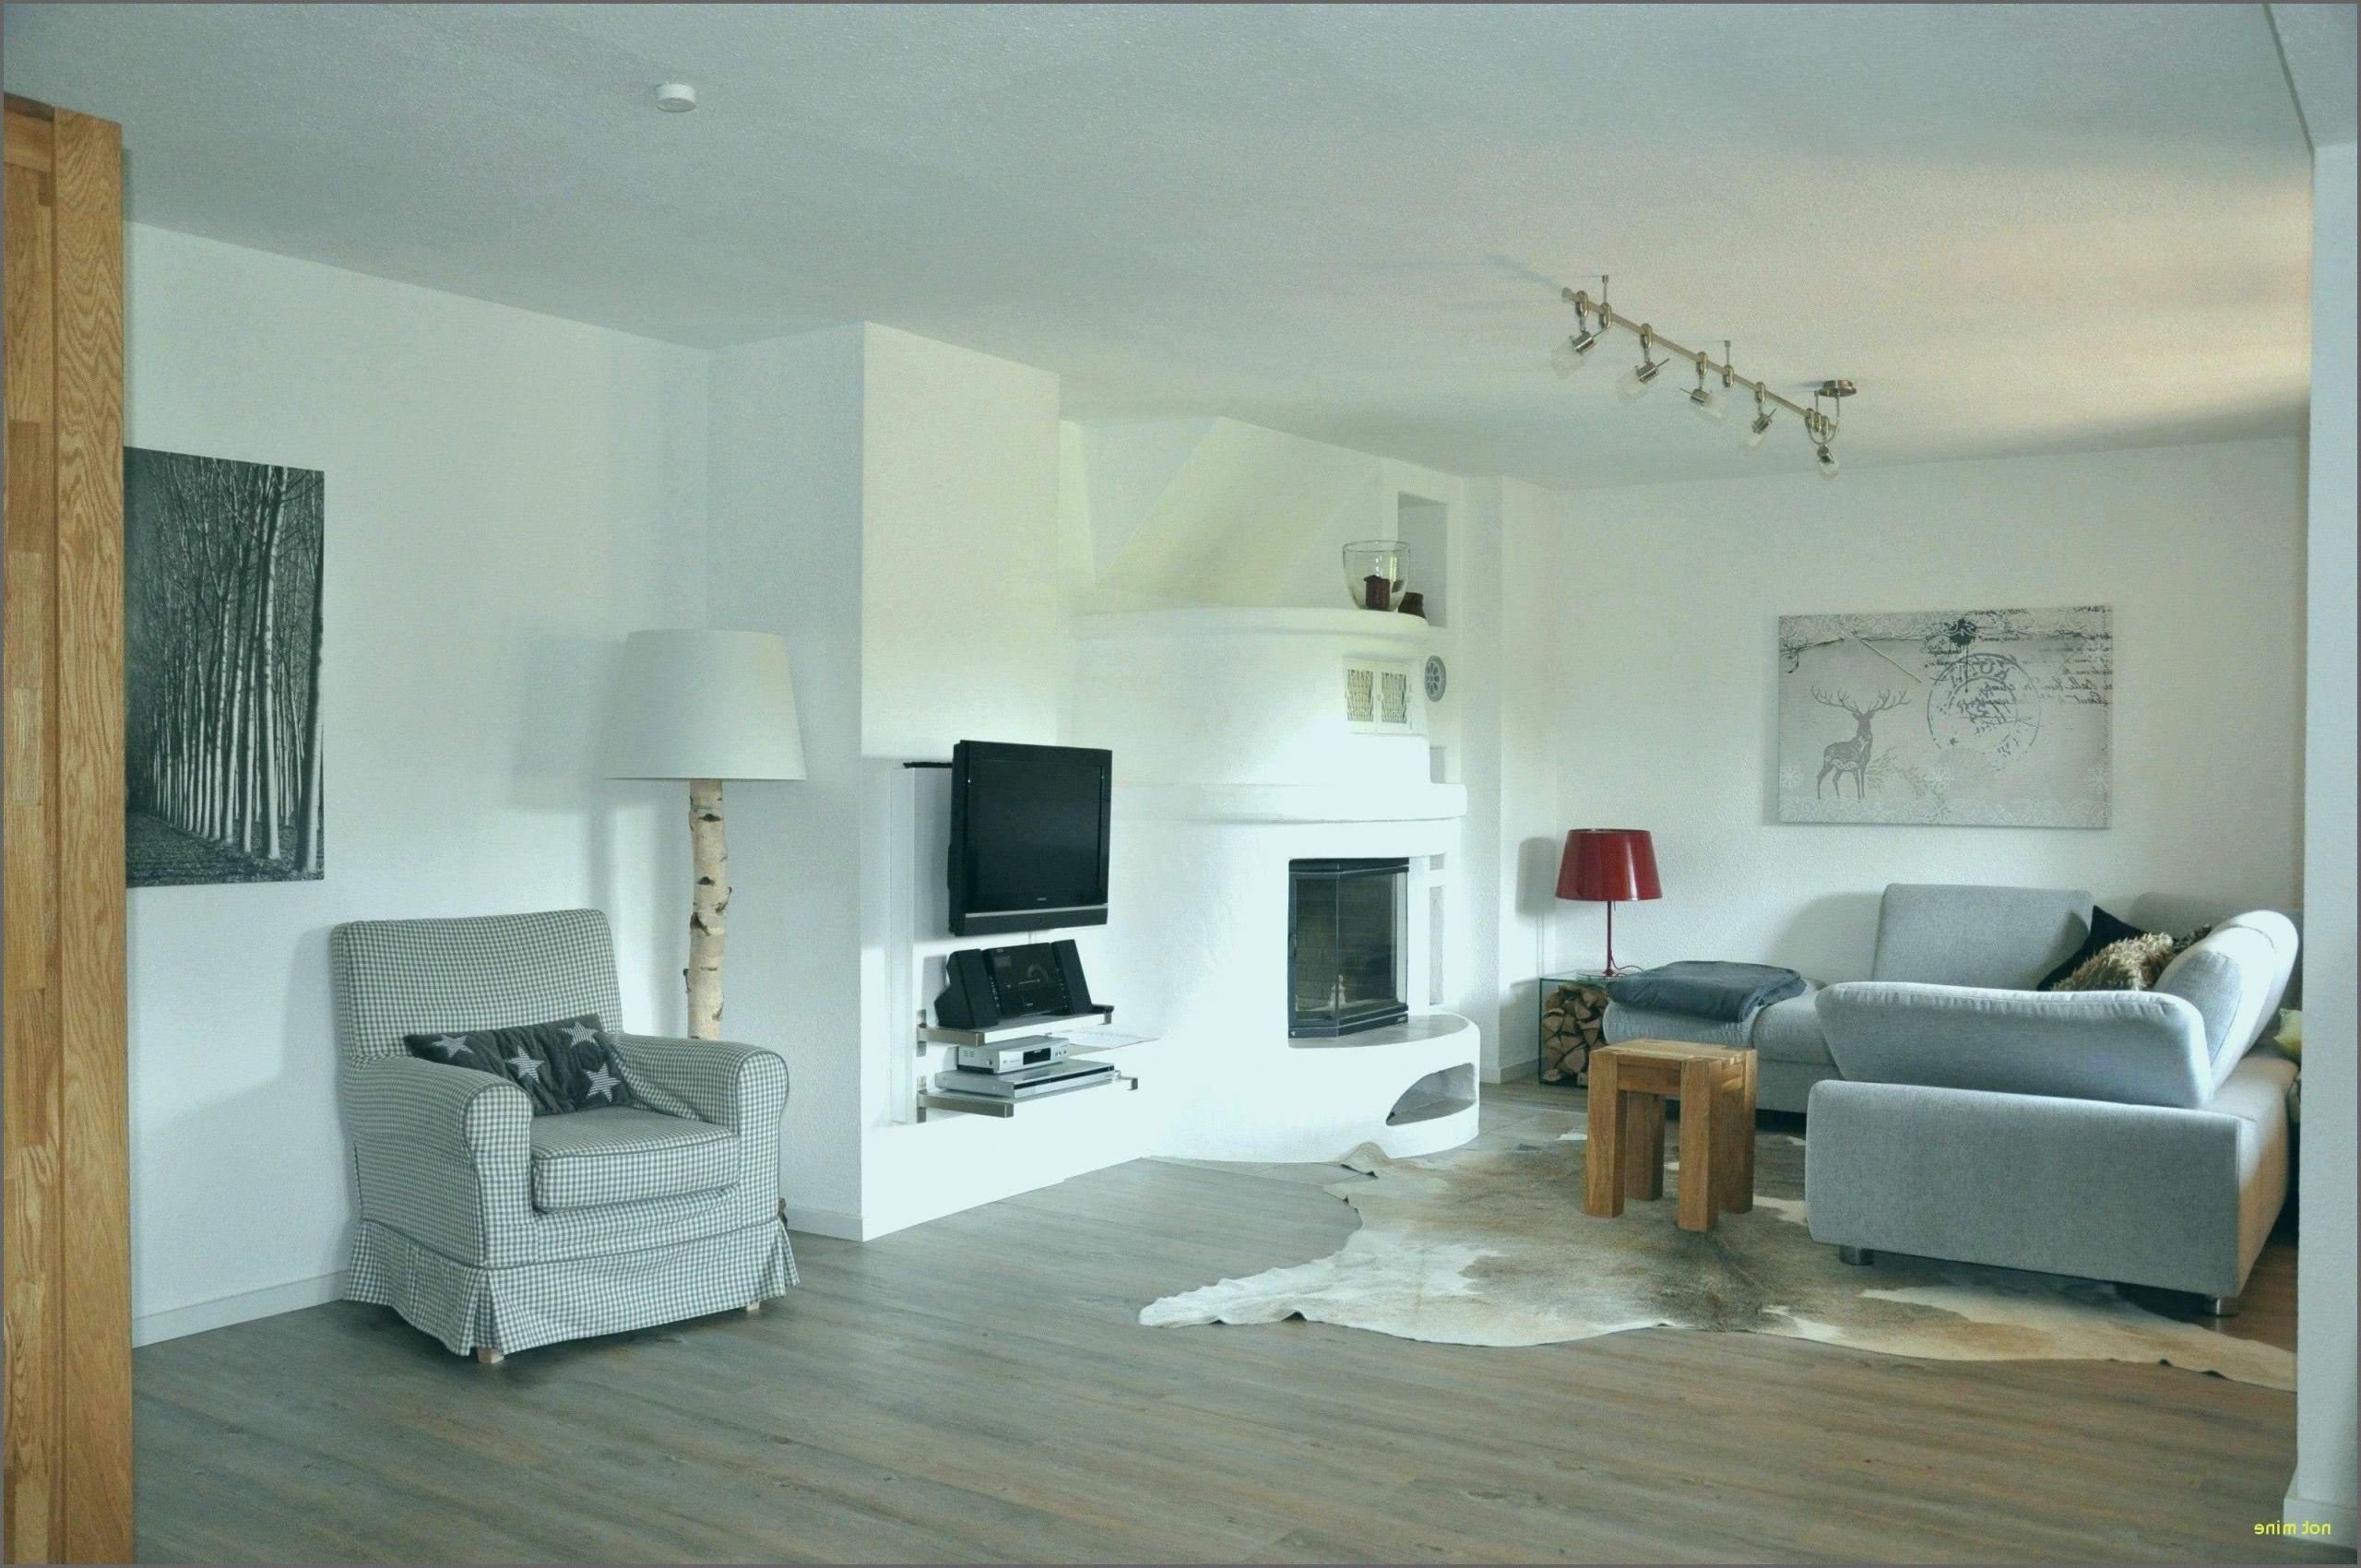 baum im wohnzimmer frisch wie kann man wohnzimmer dekorieren naturlich wohnzimmer idee of baum im wohnzimmer scaled